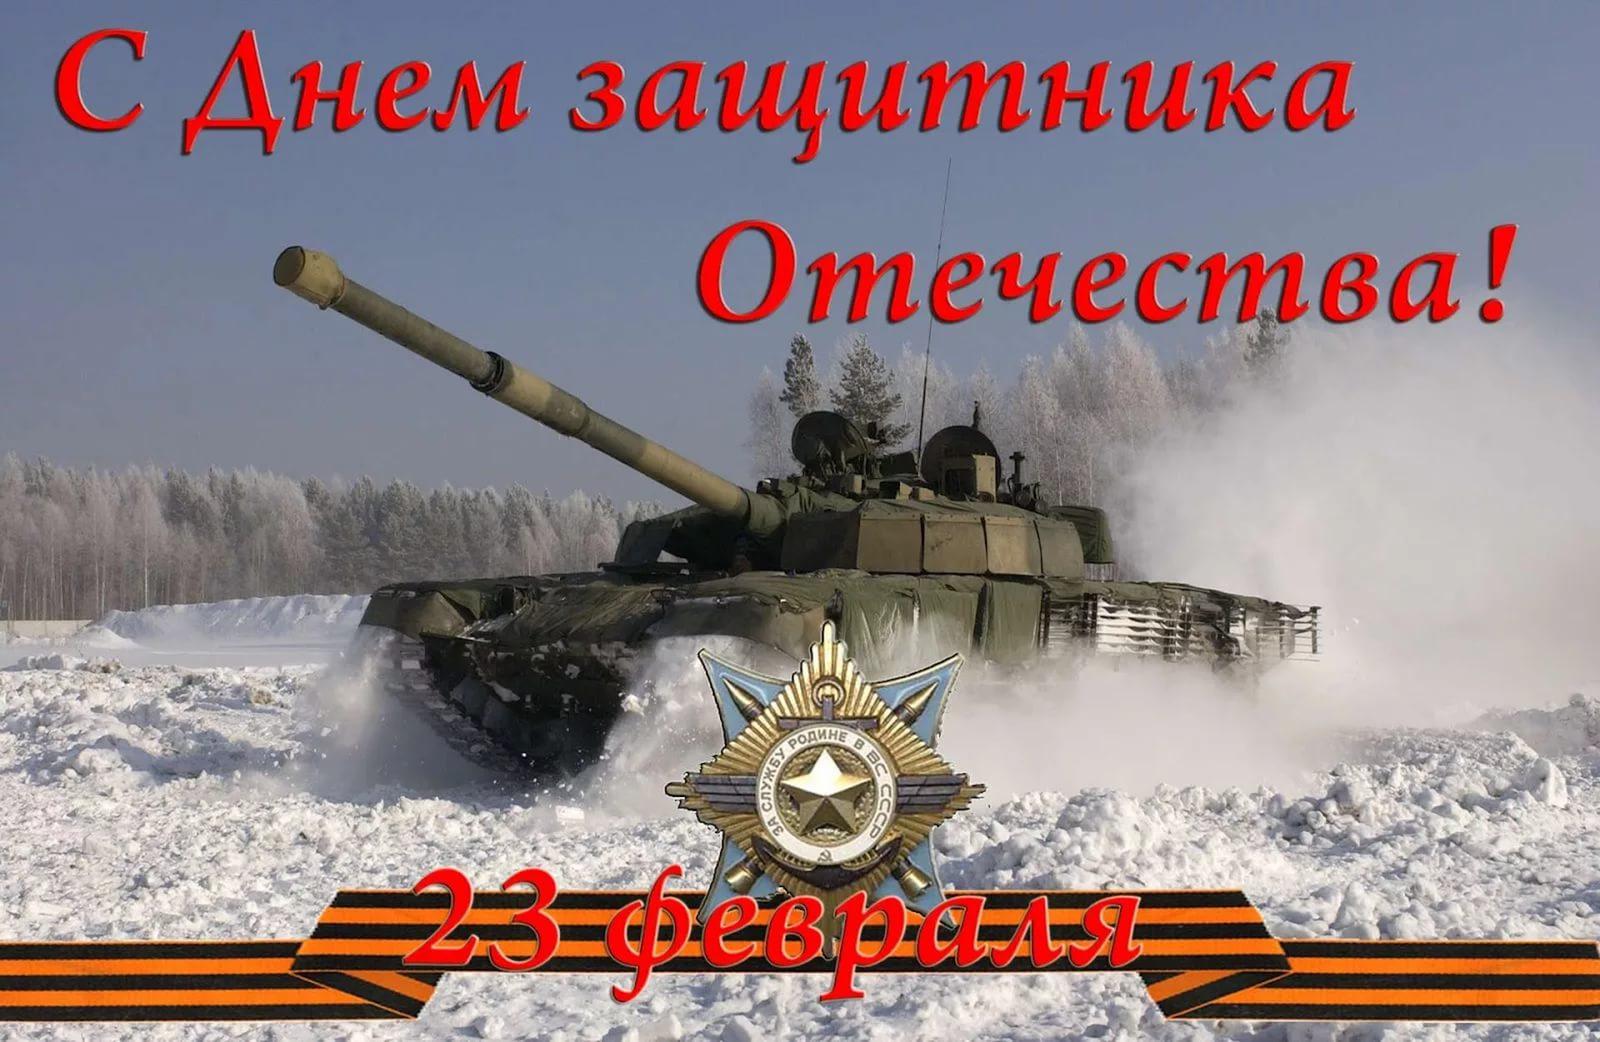 Поздравления с 23 февраля танкистам прикольные